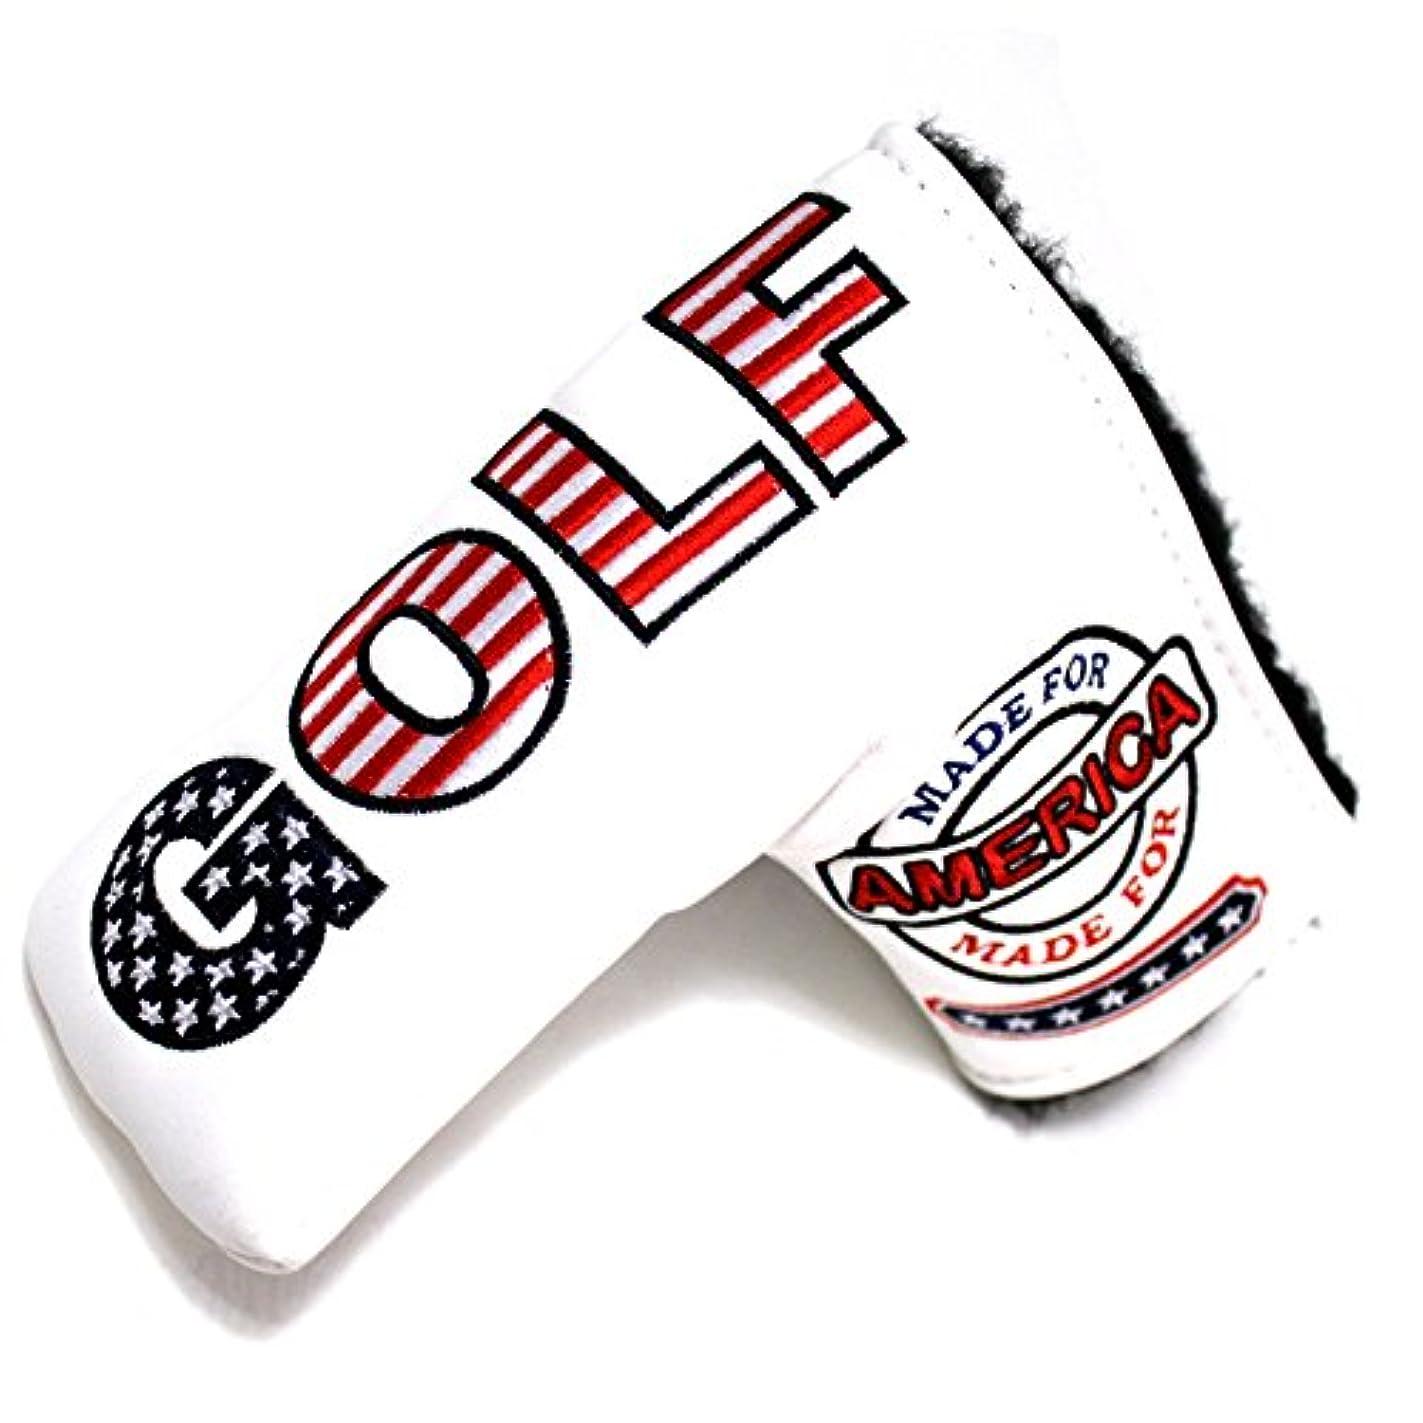 手つかずの事前自分の力ですべてをするCNC GOLF USA GOLF パターカバー ヘッドカバー スコッティキャメロン/テーラーメイド/オデッセイ用 ブレードタイプのパター用